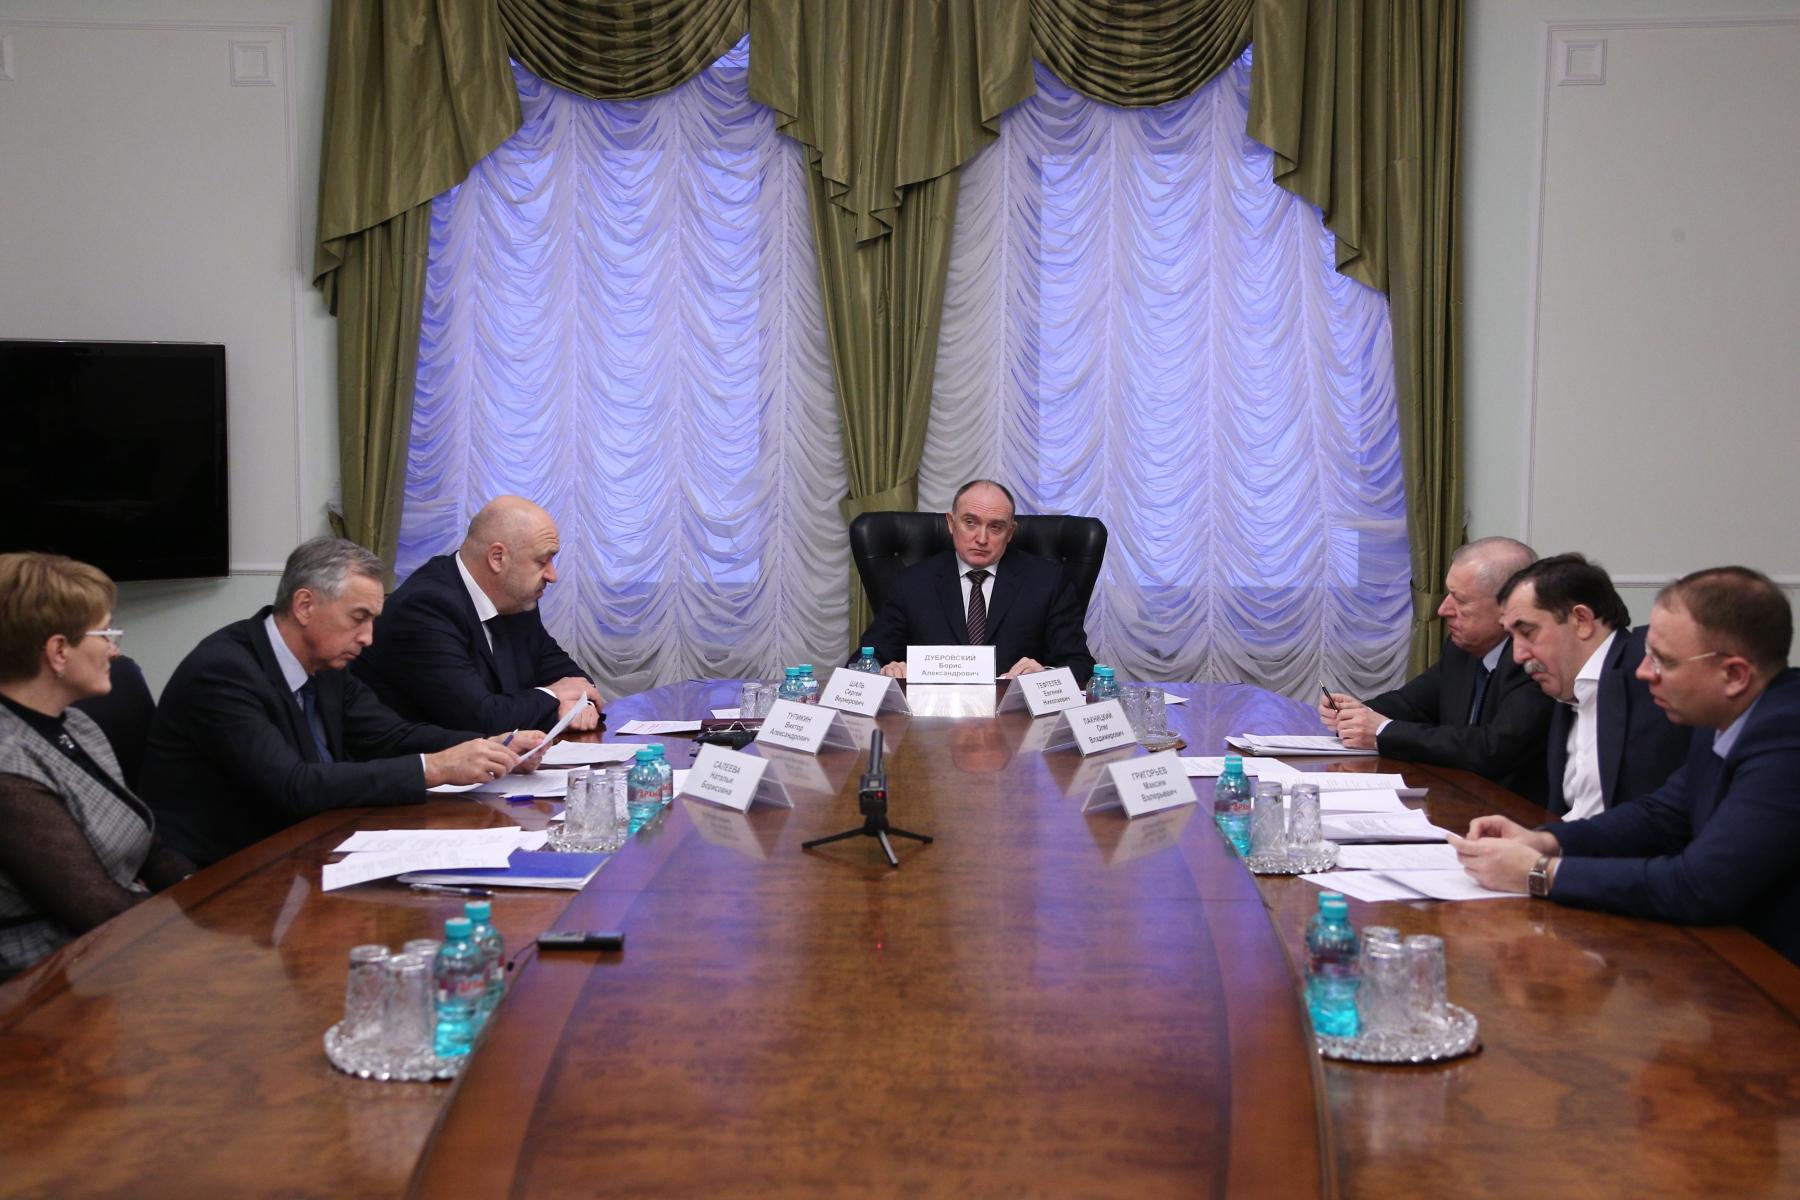 Областные власти взяли наконтроль всех проблемных застройщиков вЧелябинской области